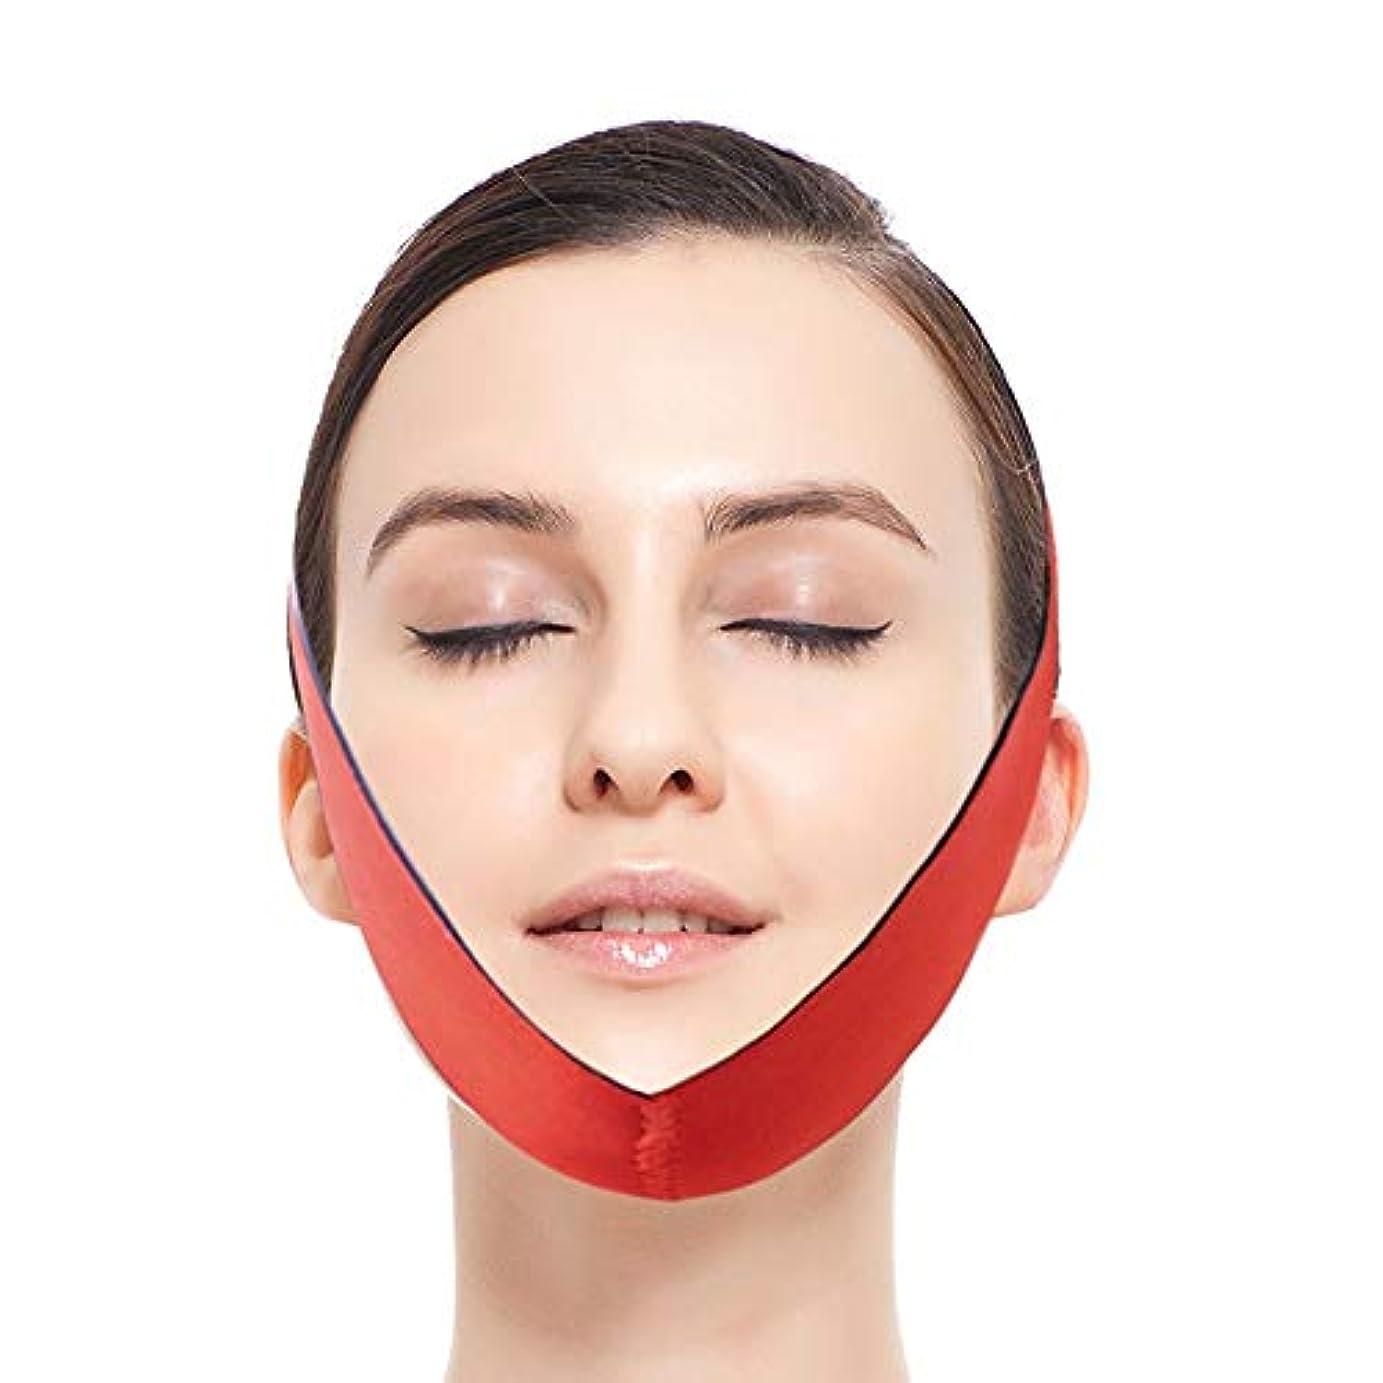 適度にリビングルーム第二にフェイスリフティングアーティファクトVフェイス包帯マスクダブルあご引き締め顔薄い咬傷筋肉下顎矯正顔